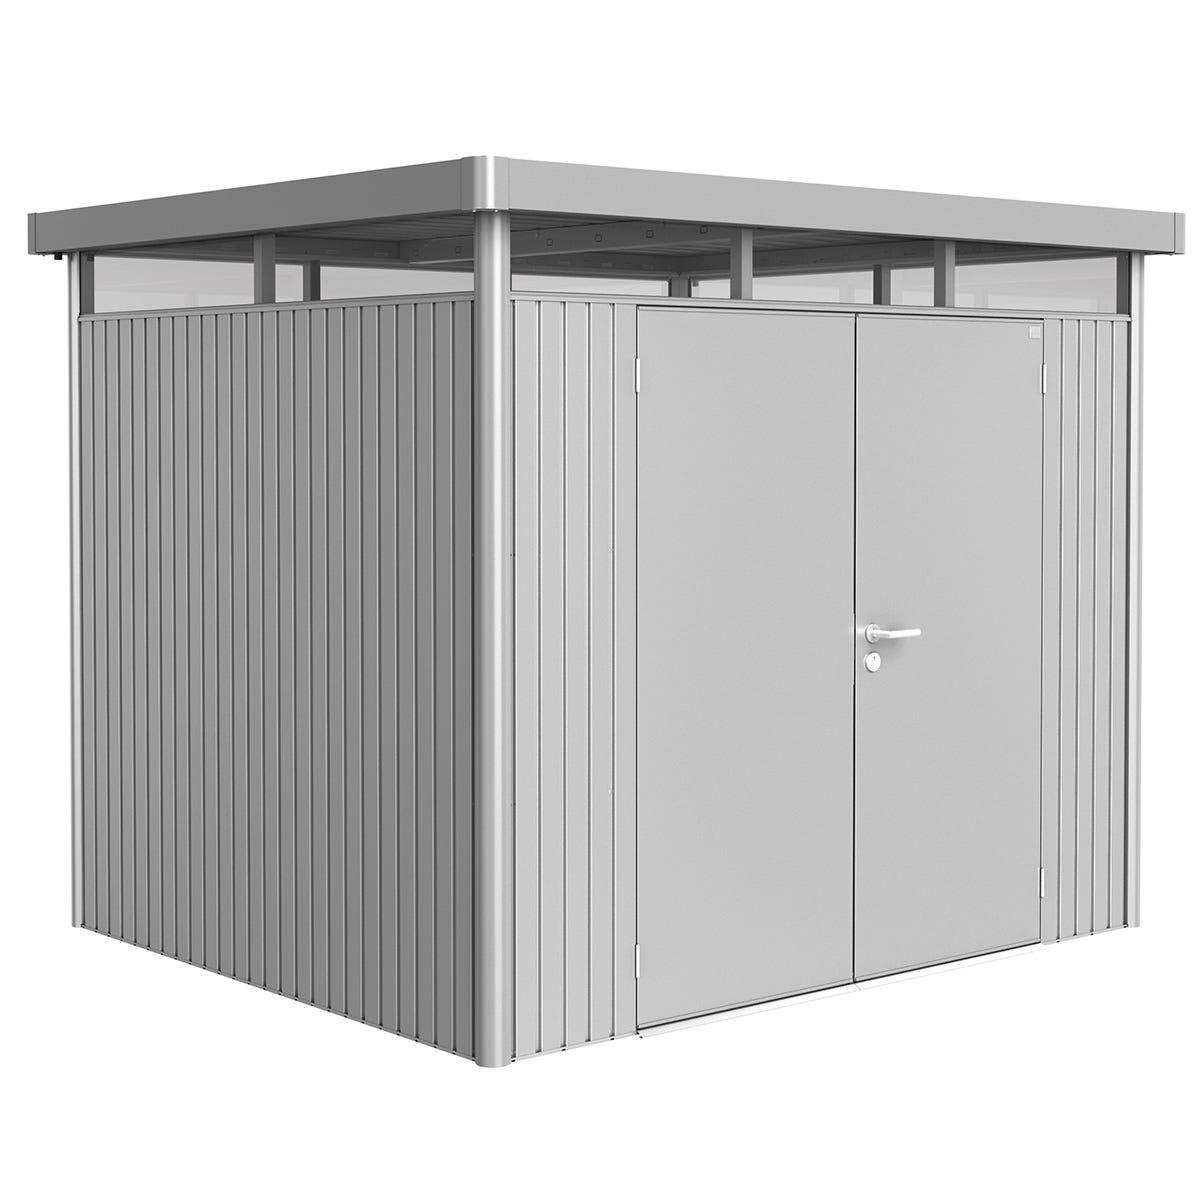 Biohort Highline Metal Shed H3 Double door 9 x 8 - Metallic Silver